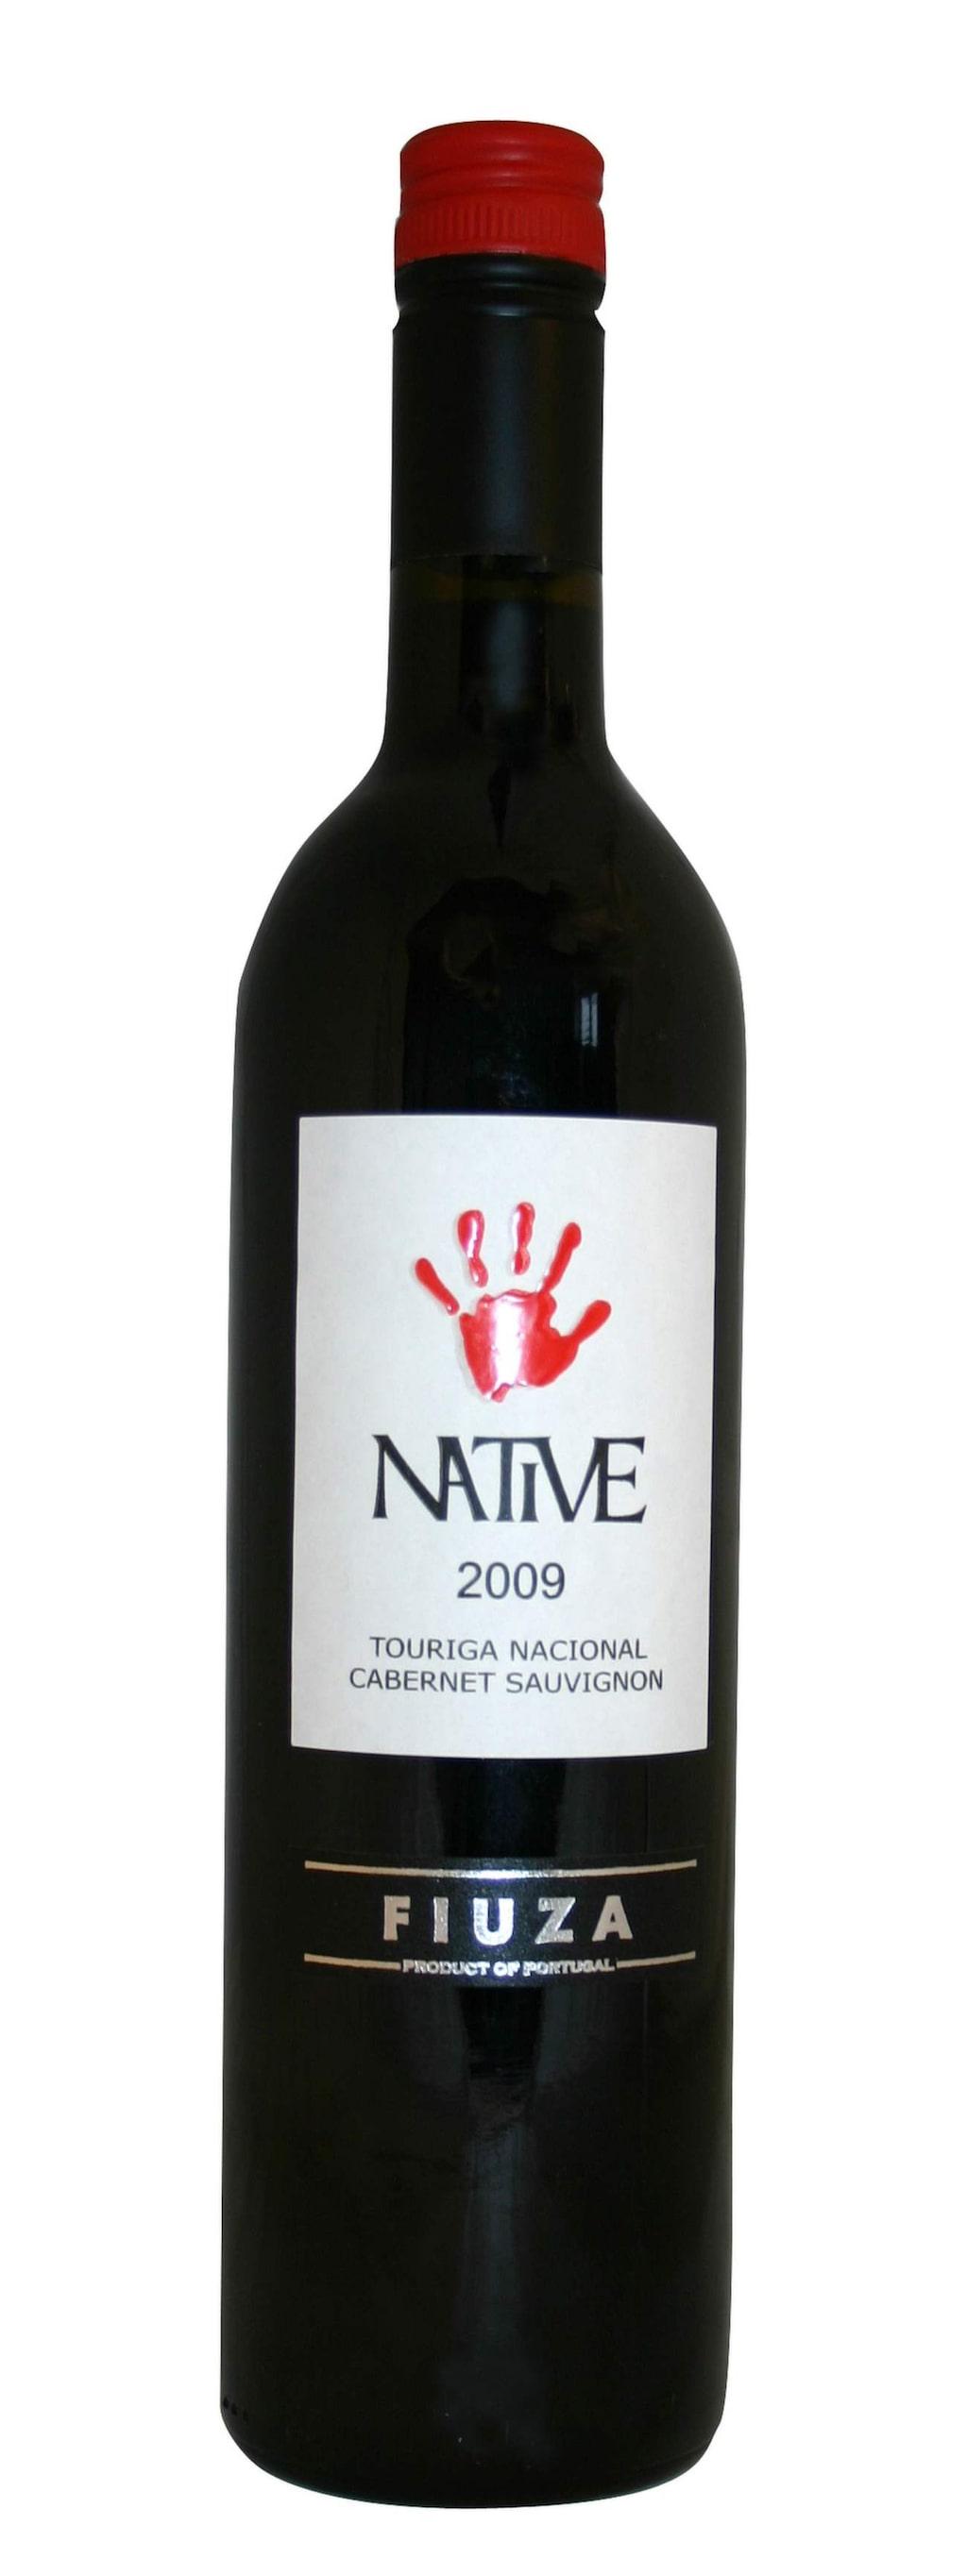 """<strong>Native Touriga Nacional Cabernet Sauvignon 2013</strong><br>(2568) Portugal, 59 kronor<br>Rund, ganska mjuk smak med toner av svarta vinbär och lakrits. Gott till fläskrulader i gräddig sås.<br><exp:icon type=""""wasp""""></exp:icon><exp:icon type=""""wasp""""></exp:icon><exp:icon type=""""wasp""""></exp:icon><exp:icon type=""""wasp""""></exp:icon>"""